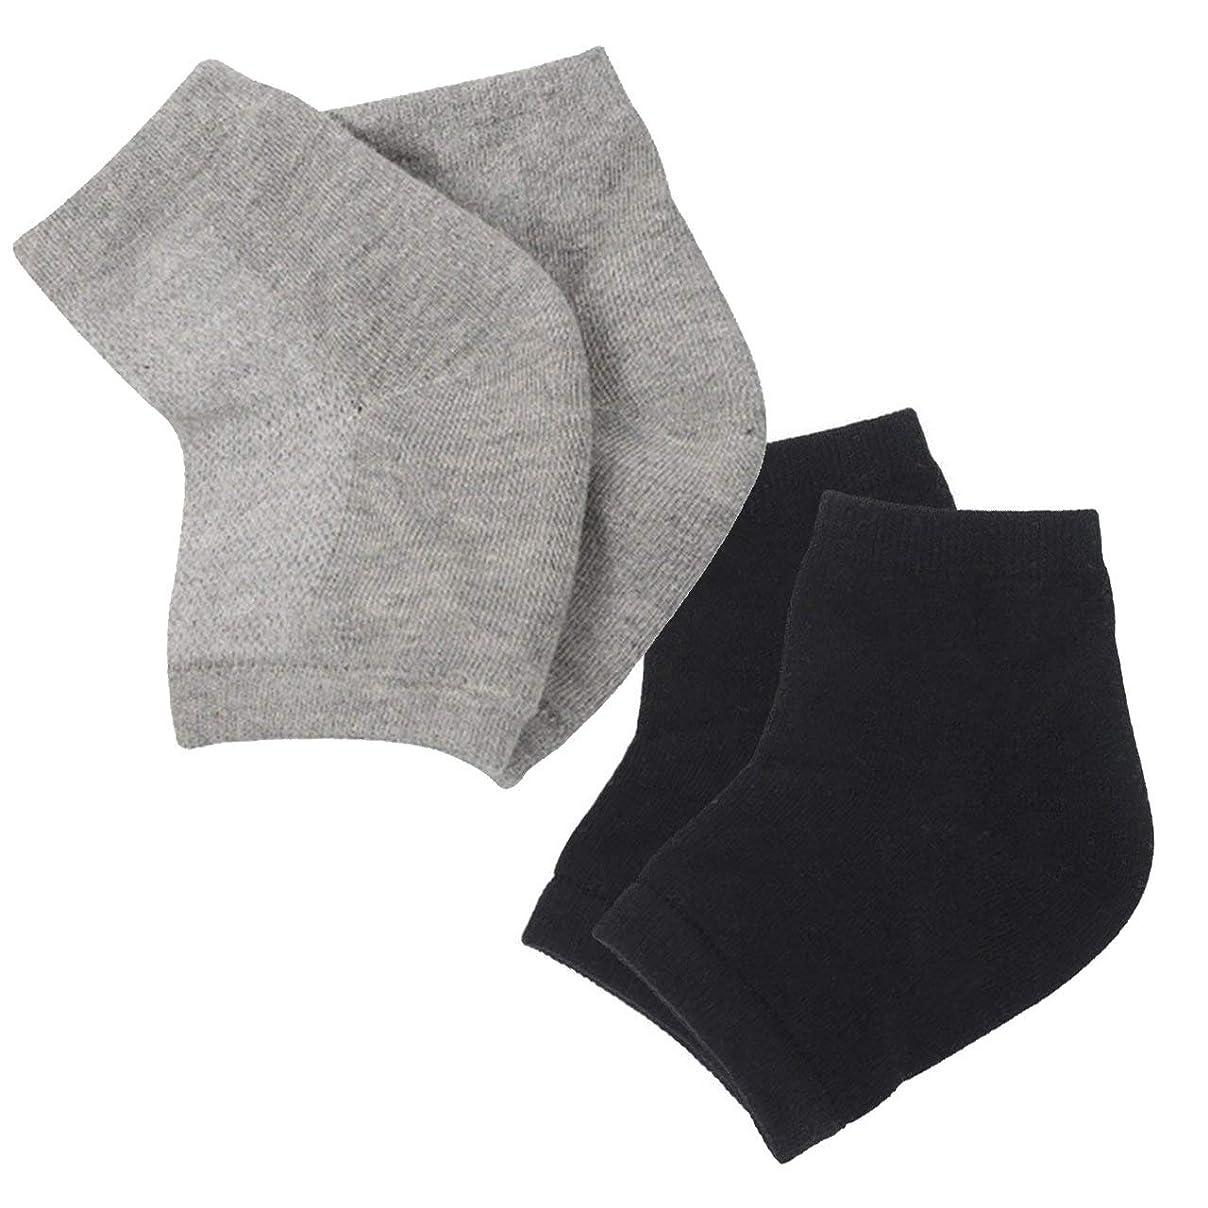 スカルク人里離れた六保湿ソックス ツルツル 乾燥 くだけ 簡単 洗える シリコン 指だし 削らない 2足組セット ブラック グレー